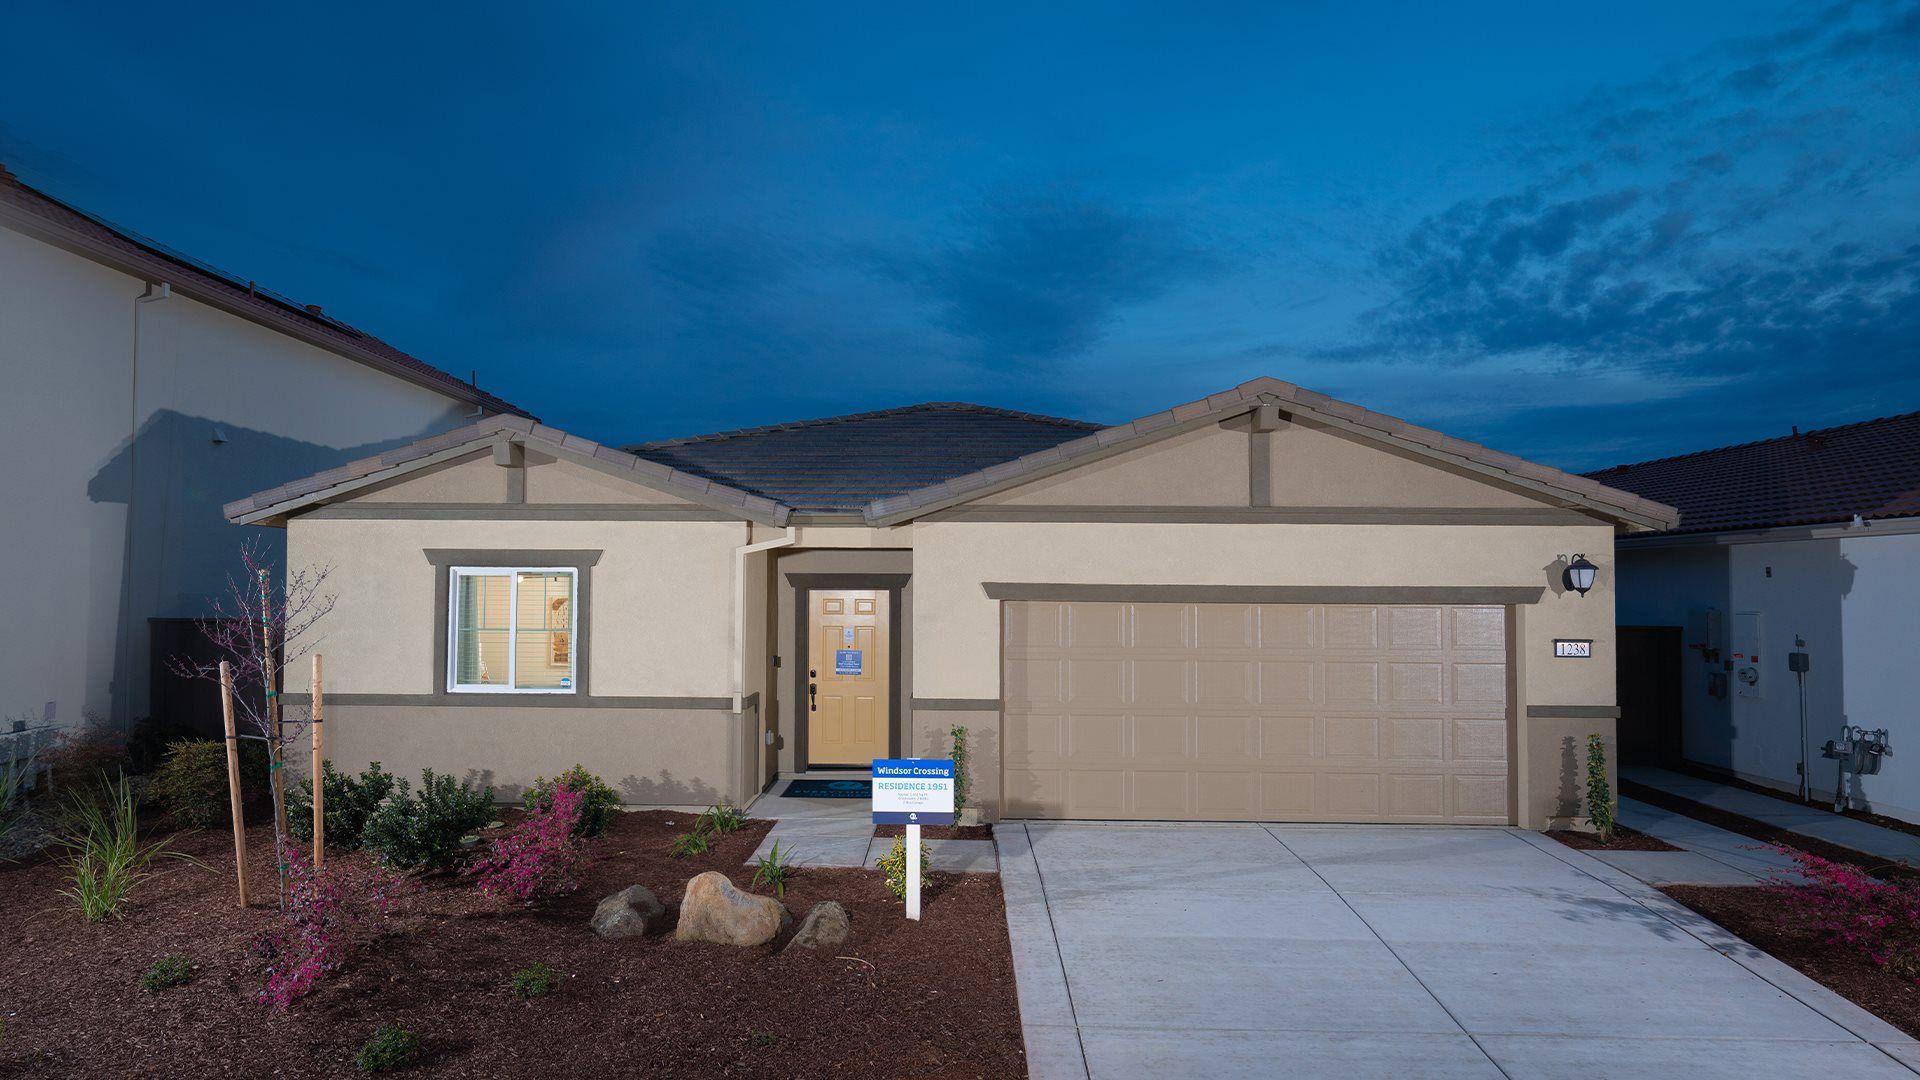 Residence 1951 | Model Home